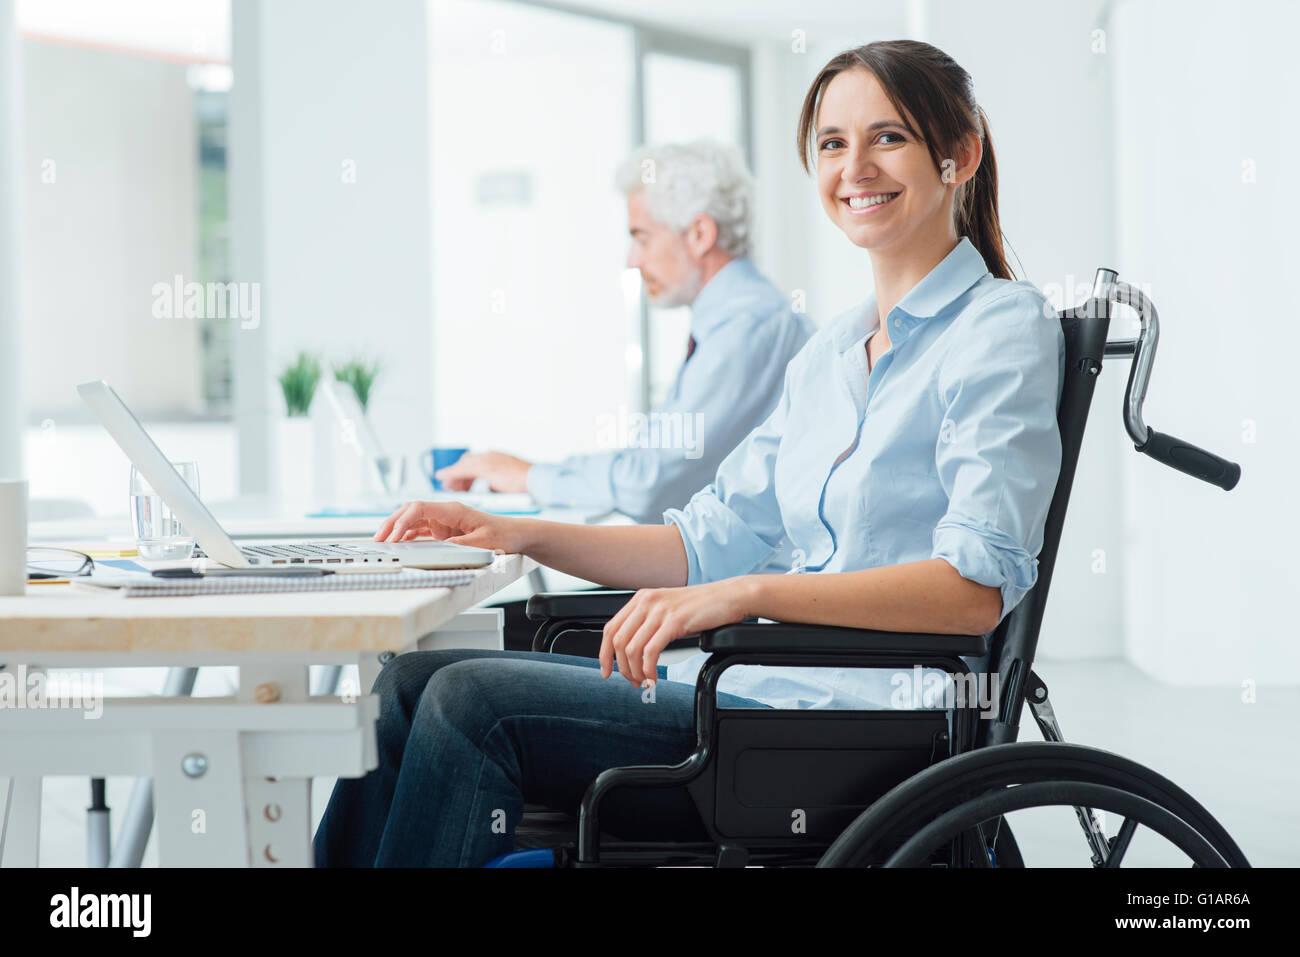 Seguro feliz empresaria en silla de ruedas trabajan en la oficina y utilizando un ordenador portátil, ella está Foto de stock